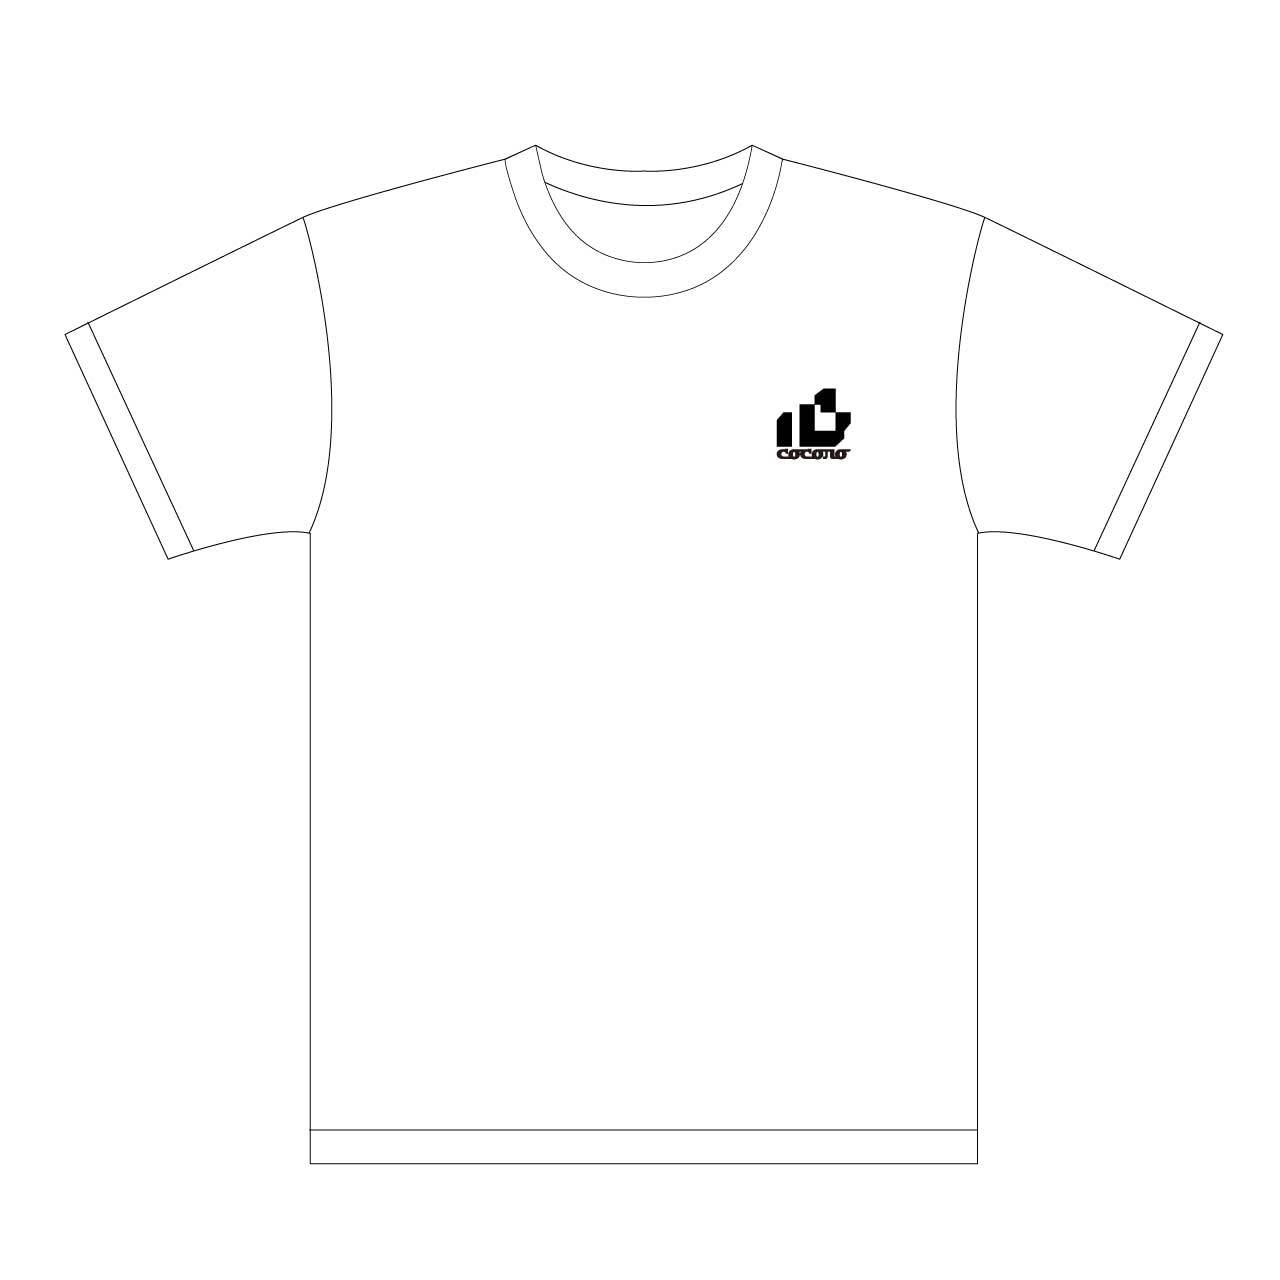 おはようございます×ピノキオピー×あらいやかしこ「心」Tシャツ(ホワイト) - 画像1